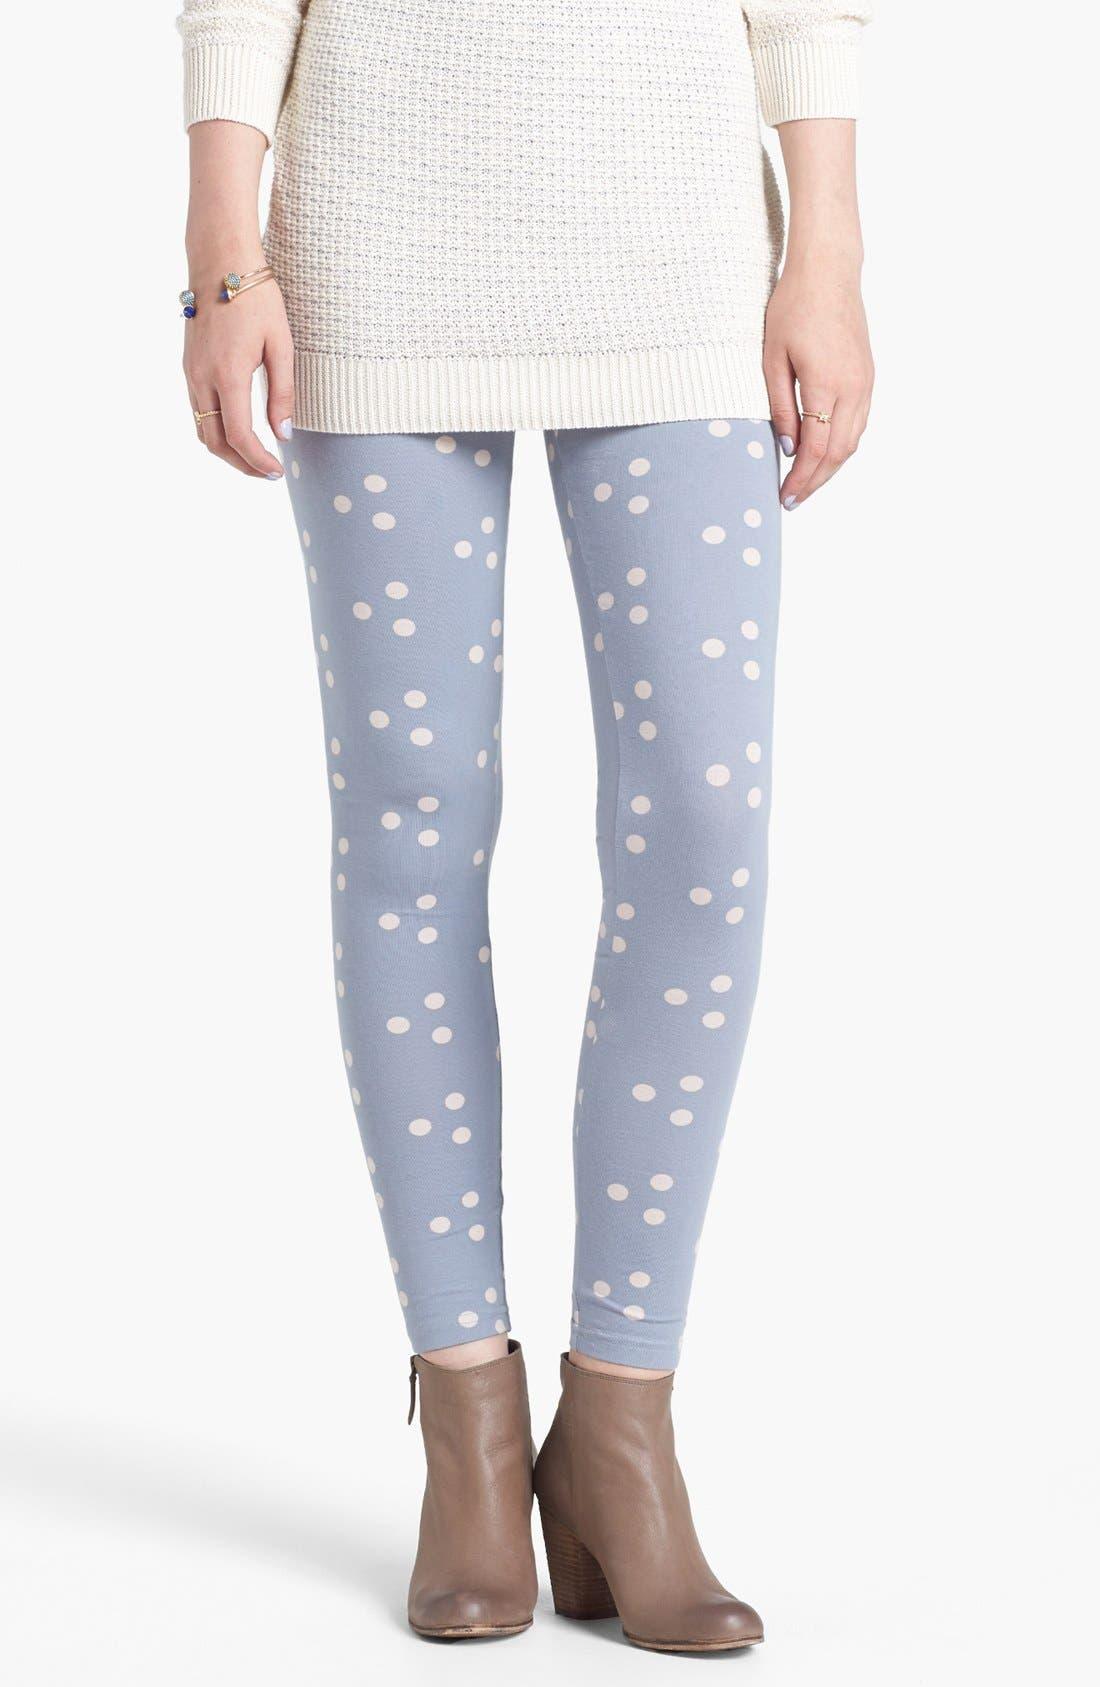 Alternate Image 1 Selected - Threads for Thought Polka Dot Leggings (Juniors)